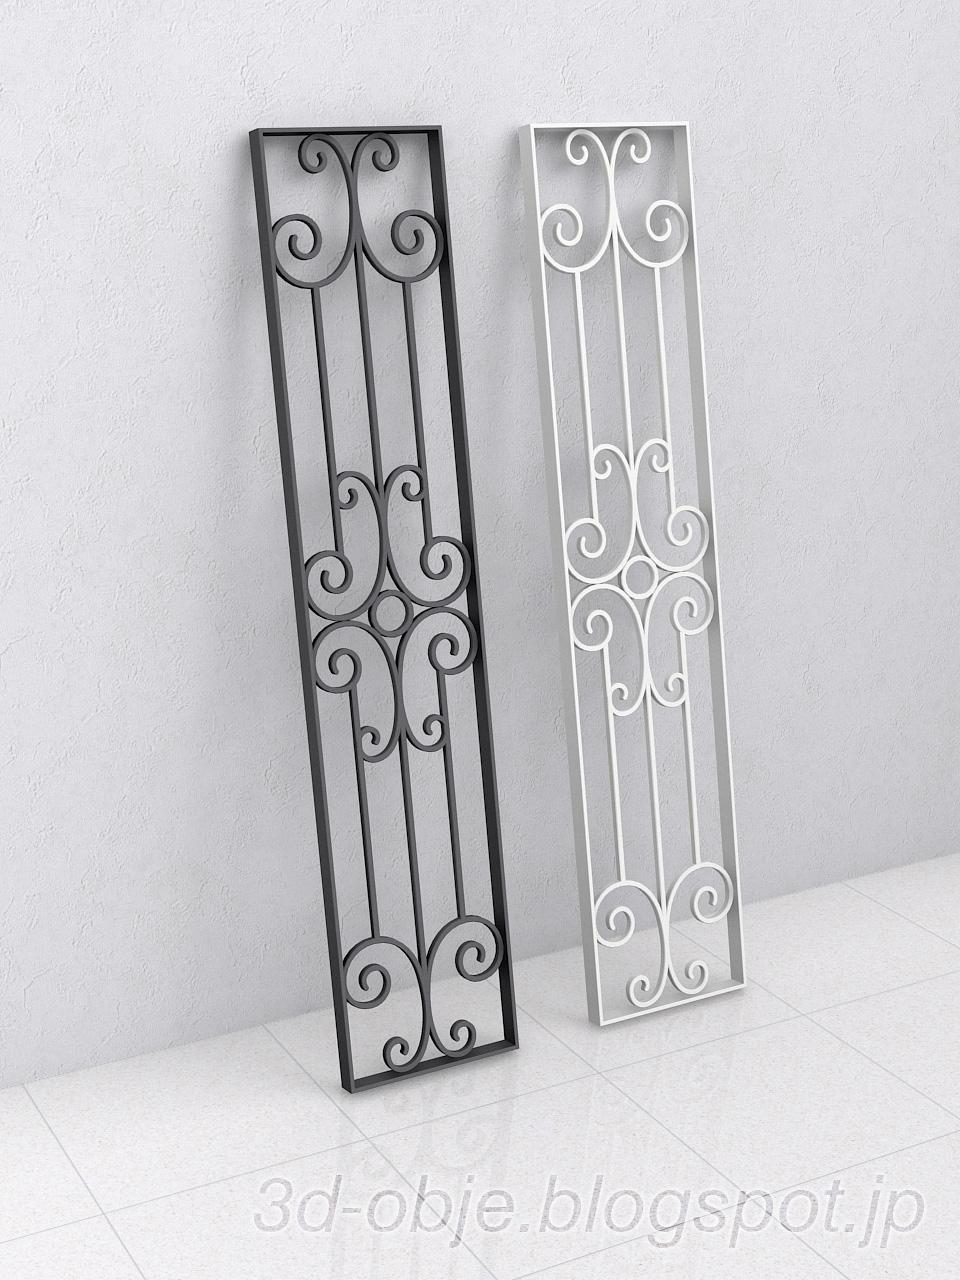 アイアンパネル [SCR_000] - Iron Panel